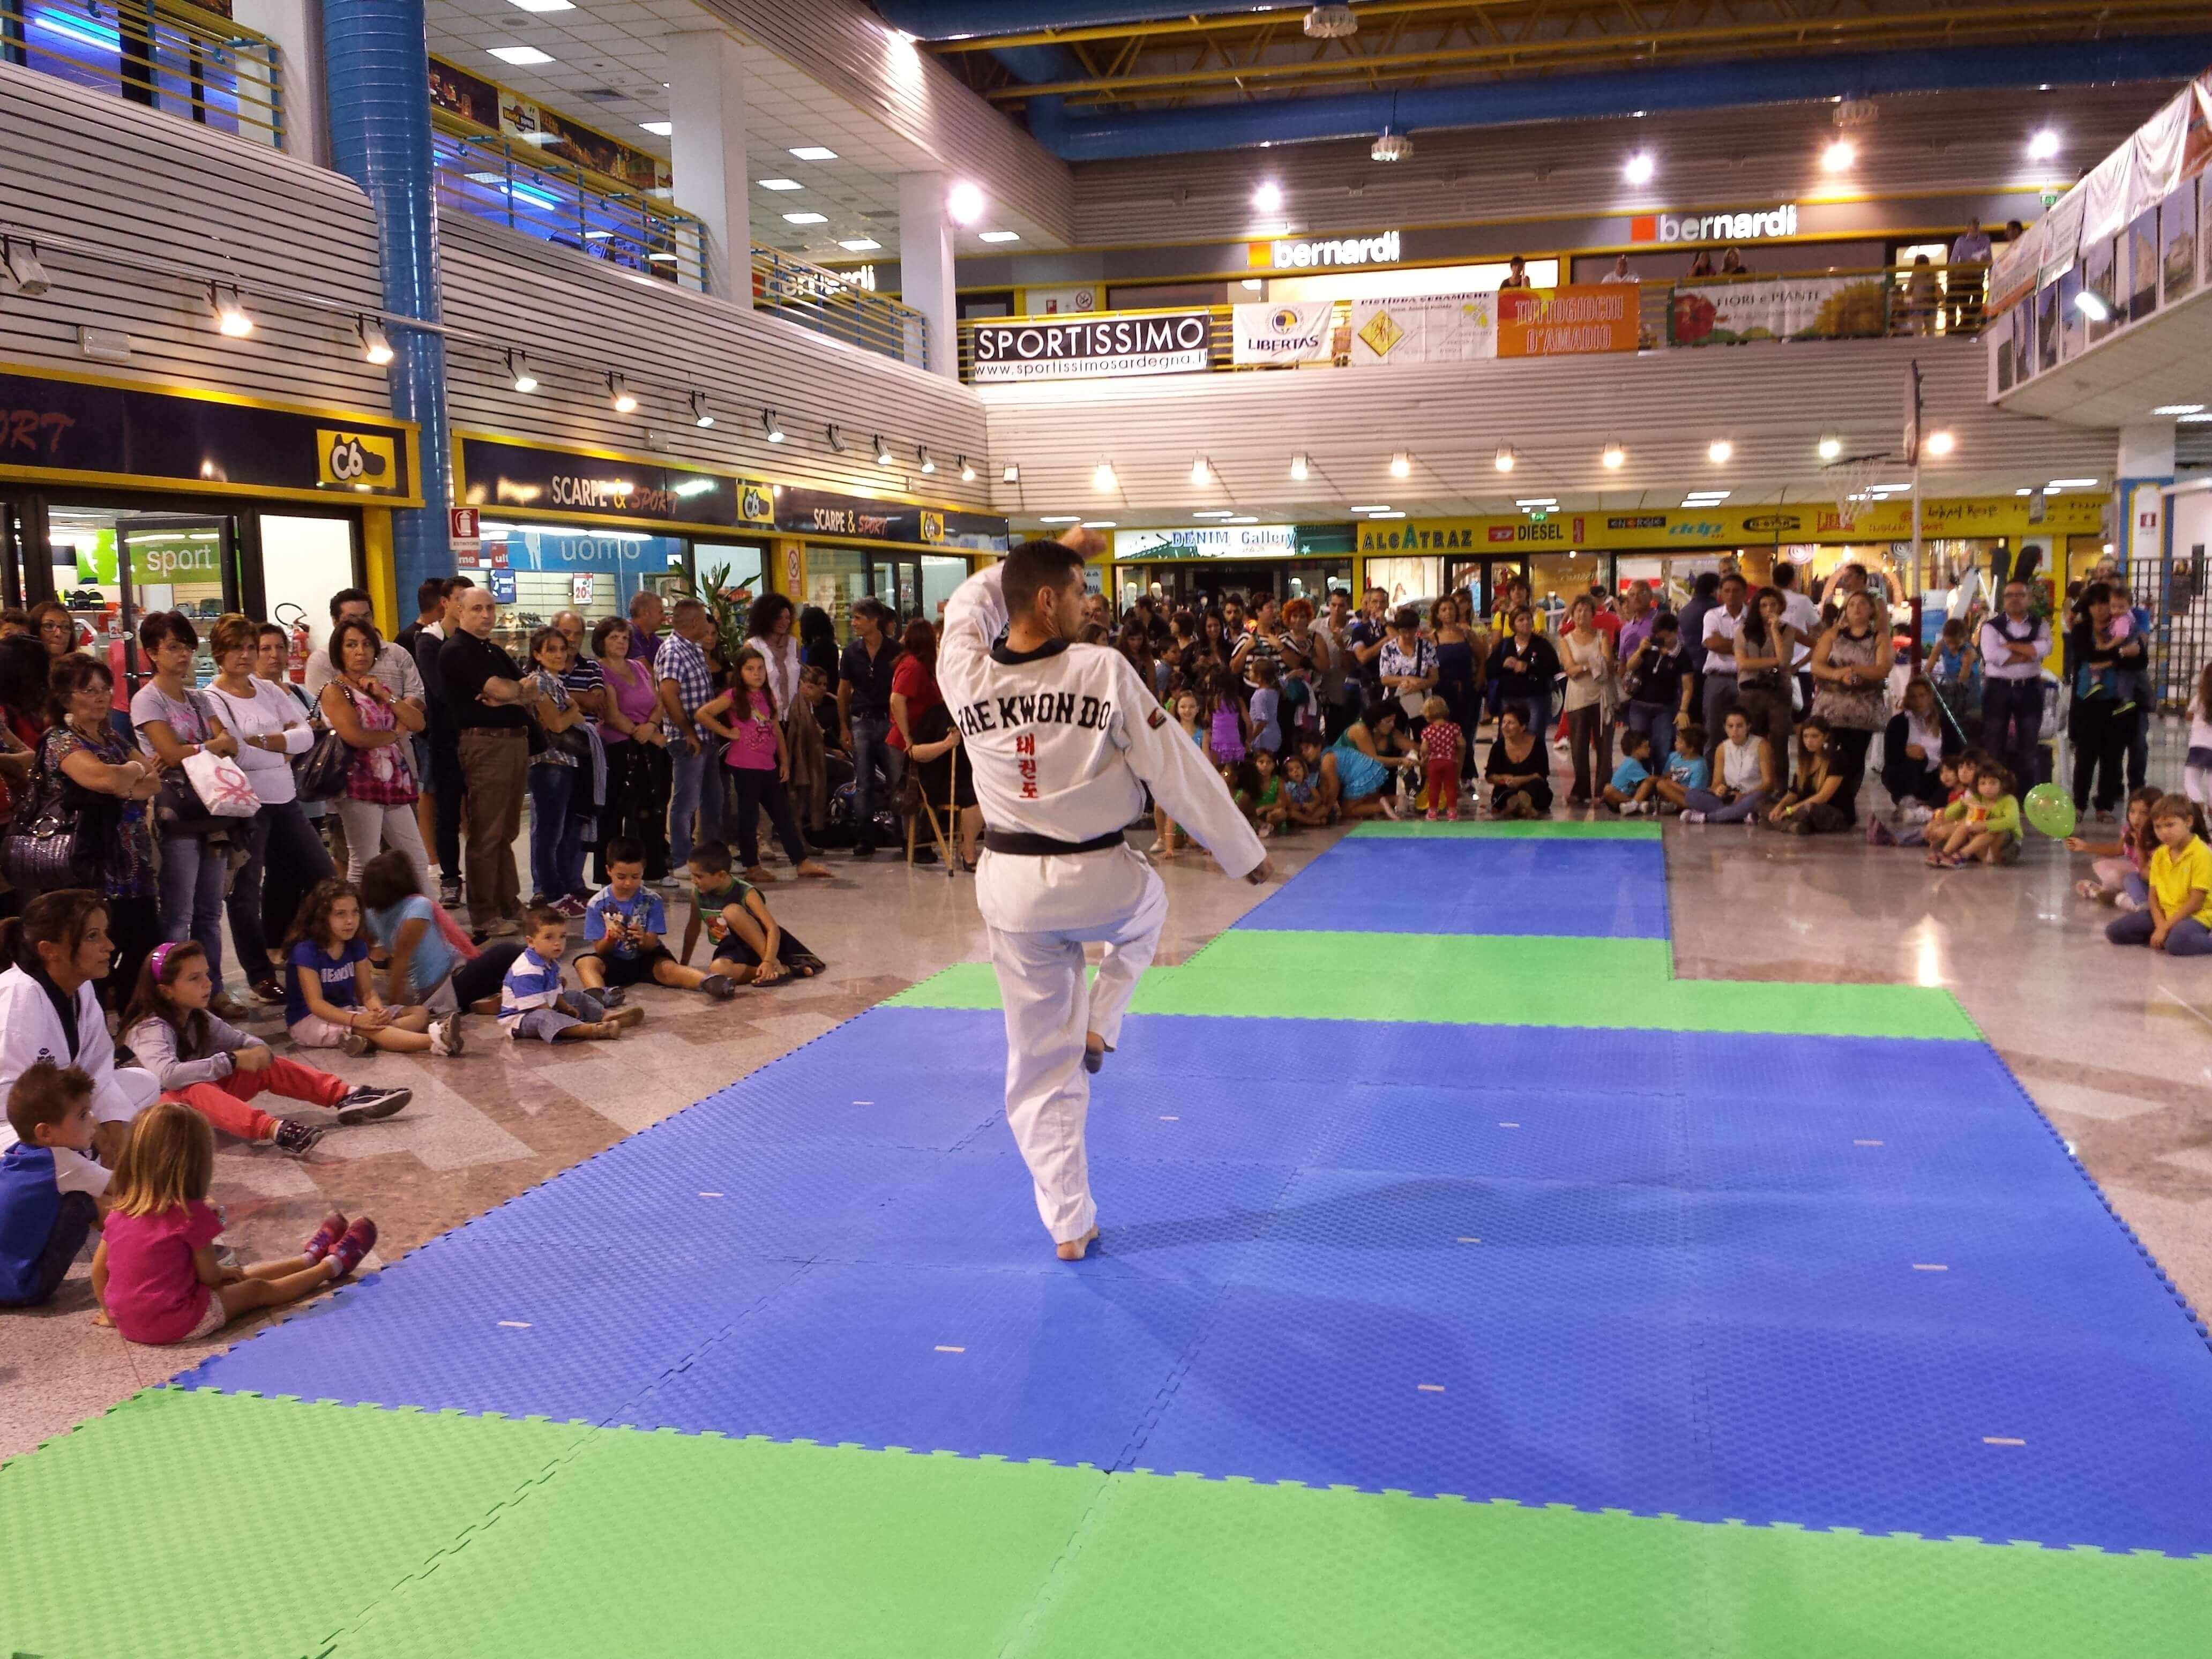 sport in piazzetta - Centro Comm. la piazzetta